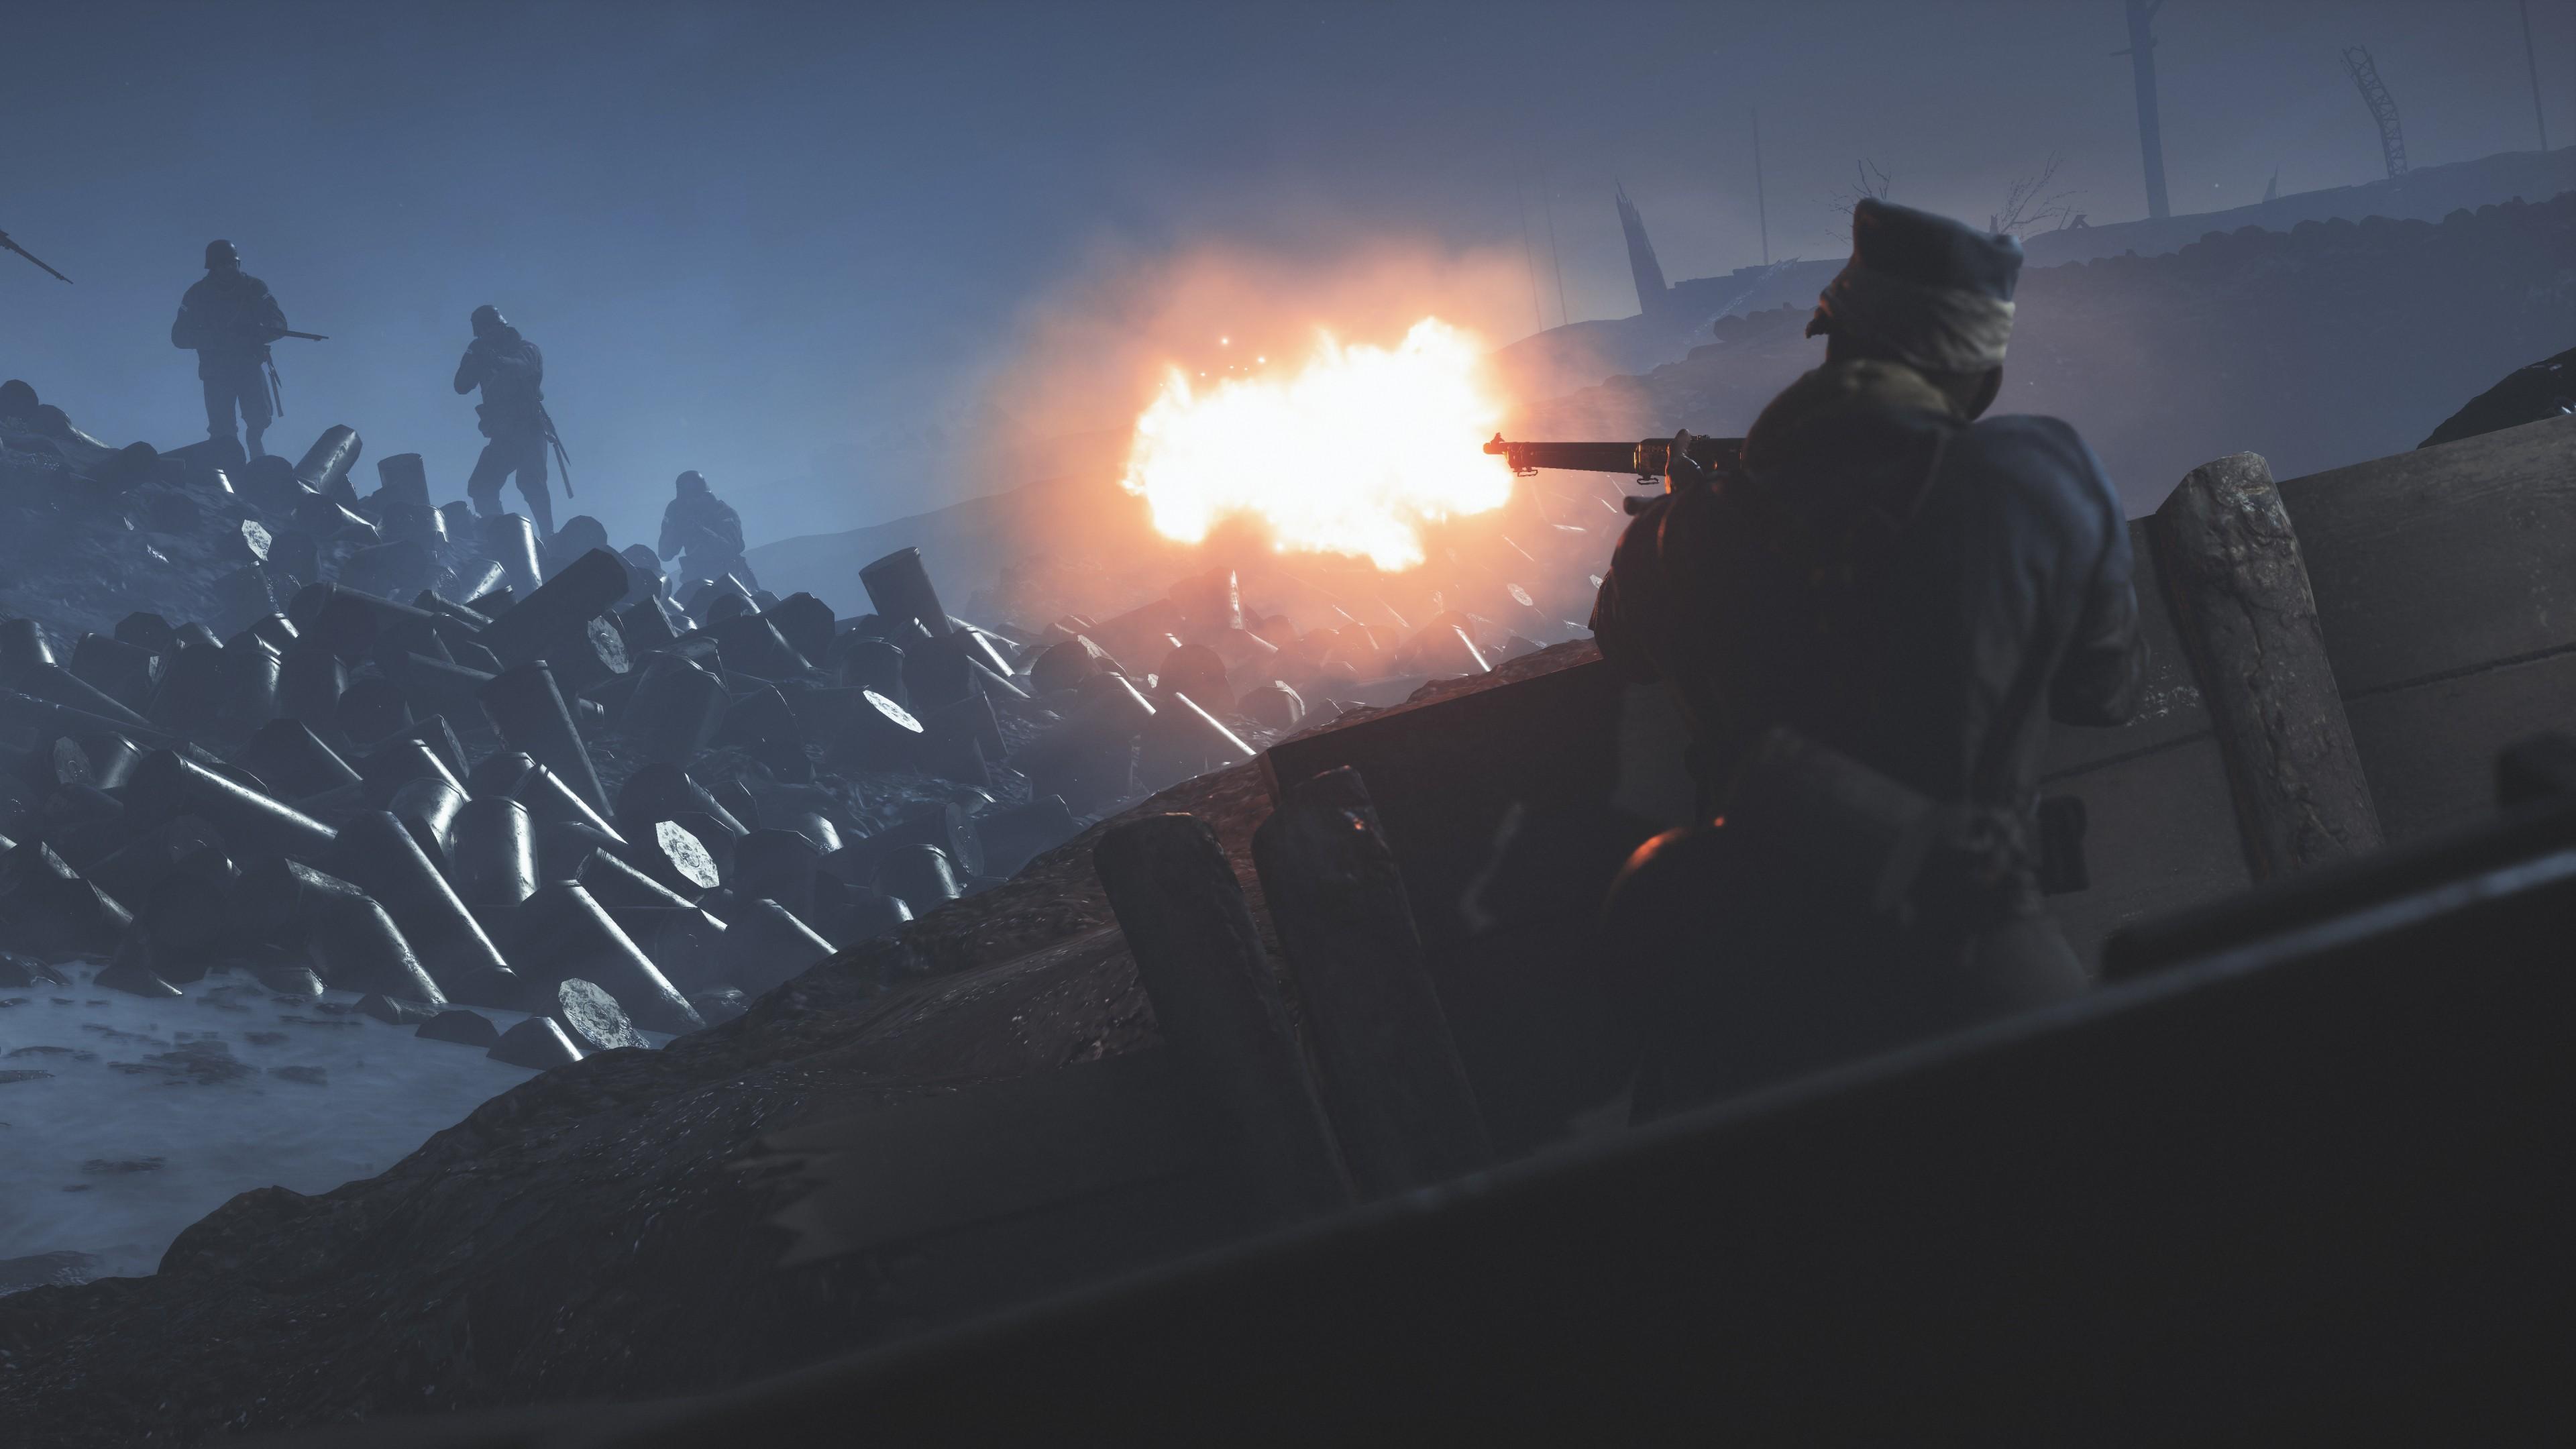 Ночное сражение среди баррикад и огненными выстрелами из пулемета